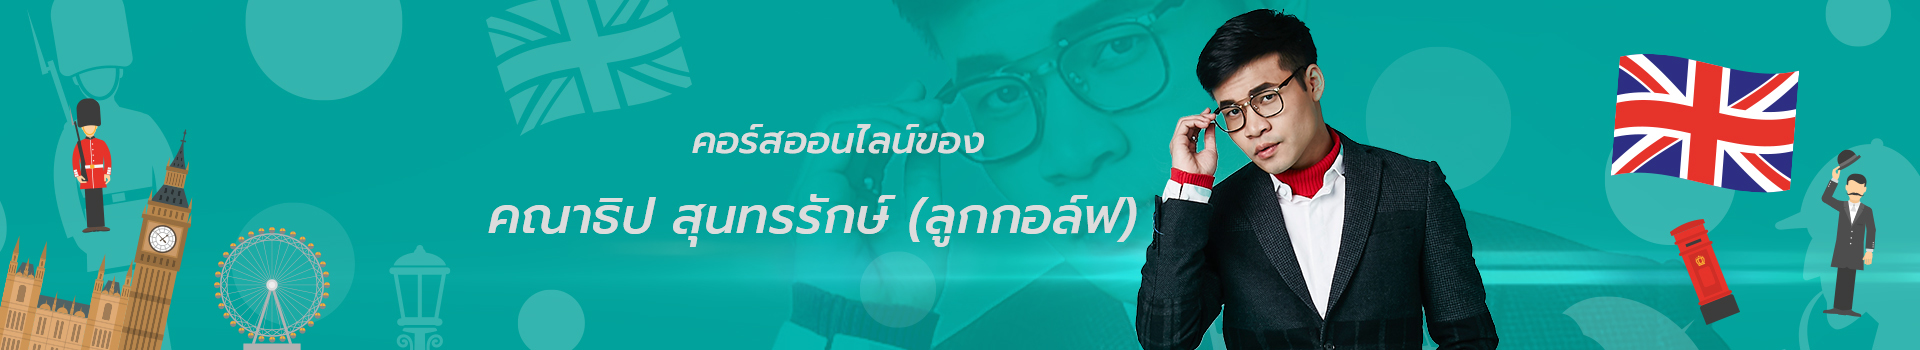 คณาธิป สุนทรรักษ์ (ลูกกอล์ฟ) cover photo